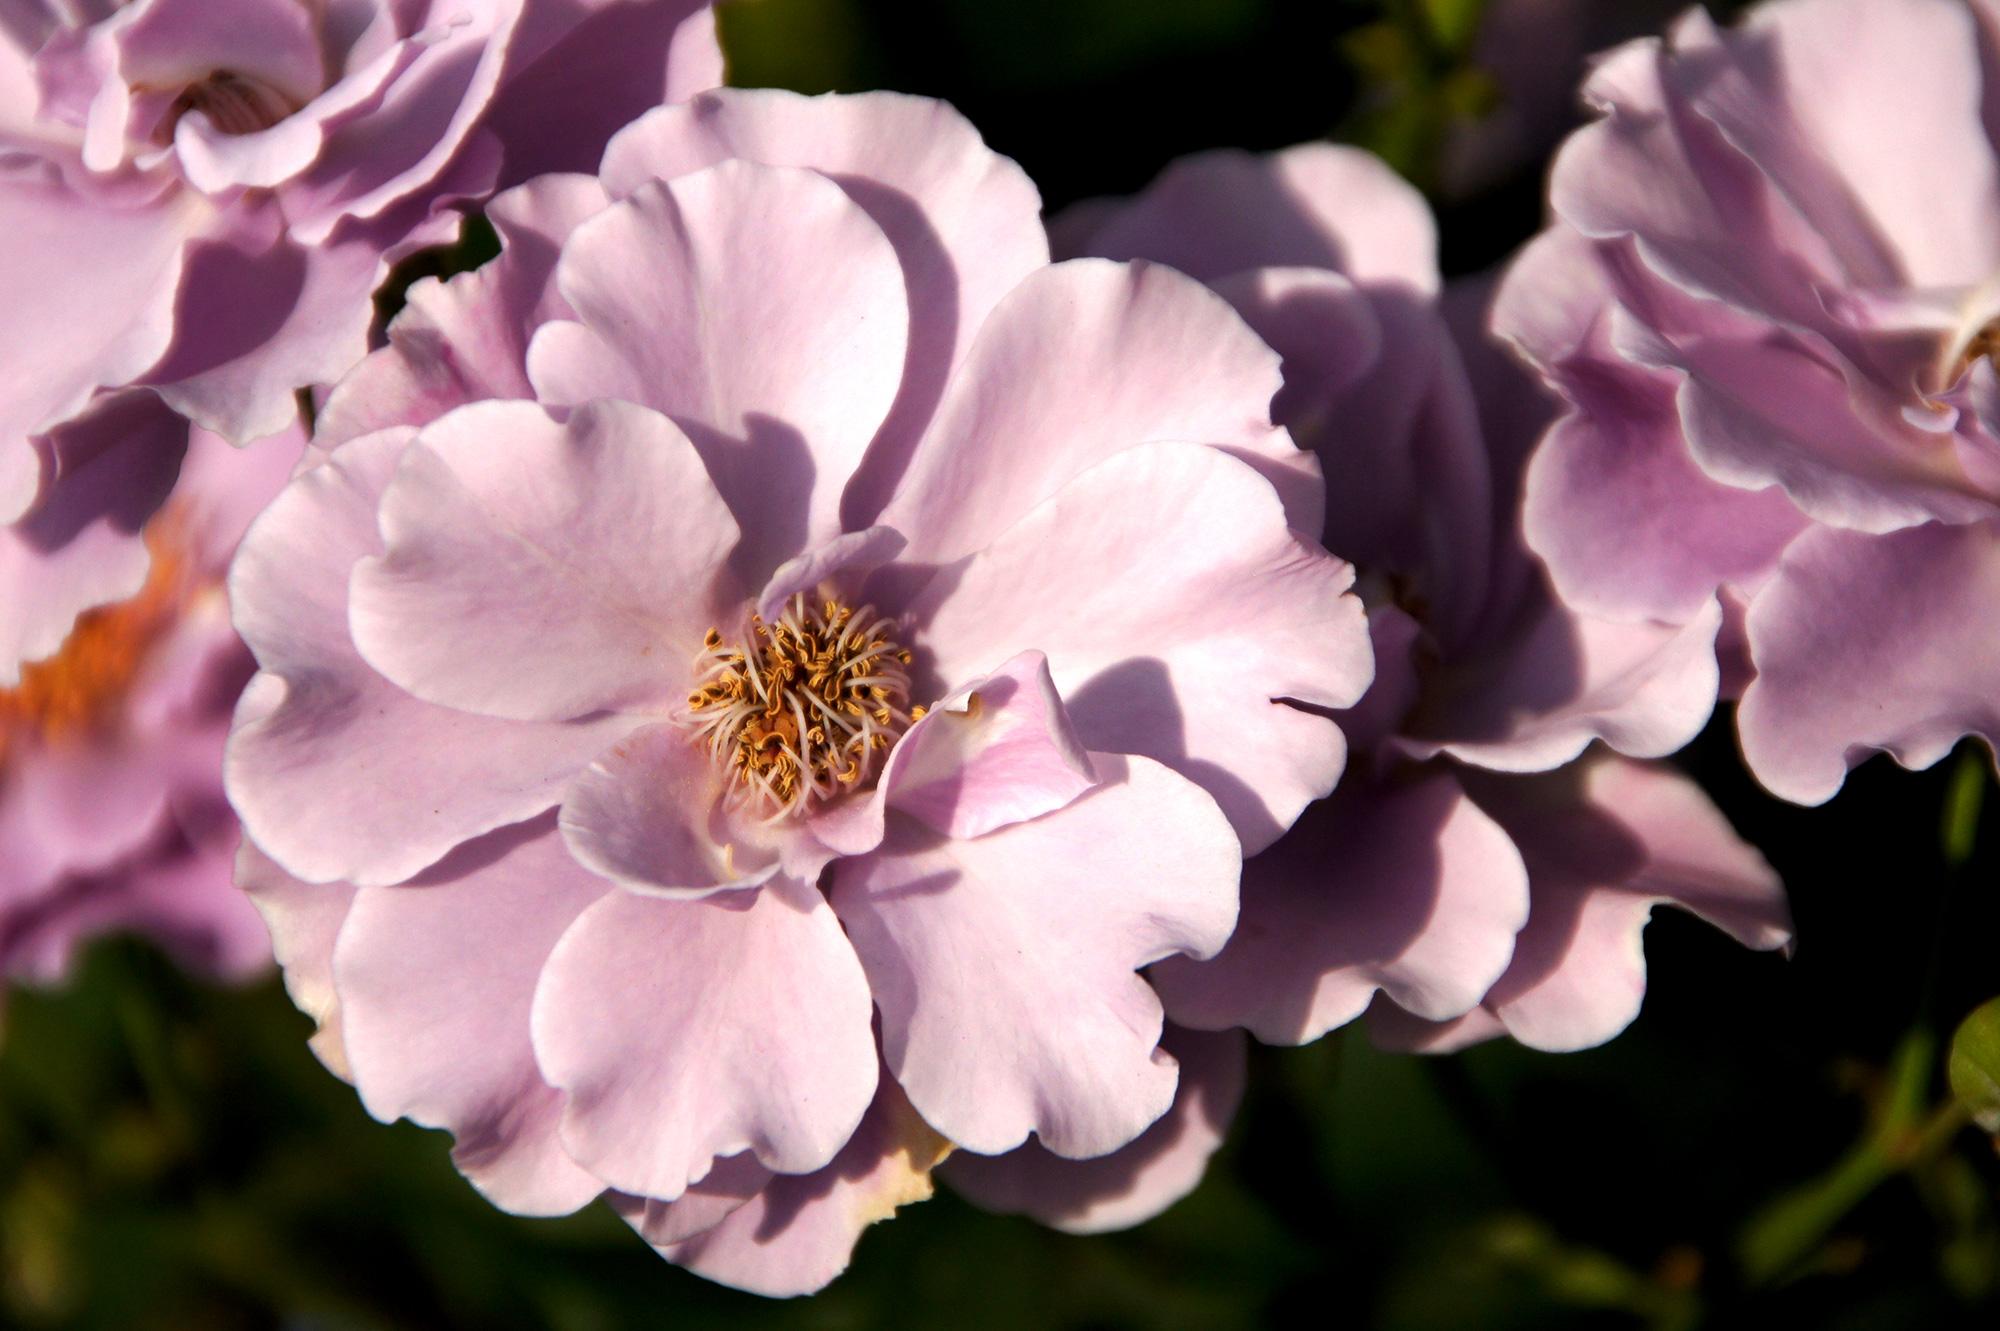 ピンク色の花のフリー写真素材